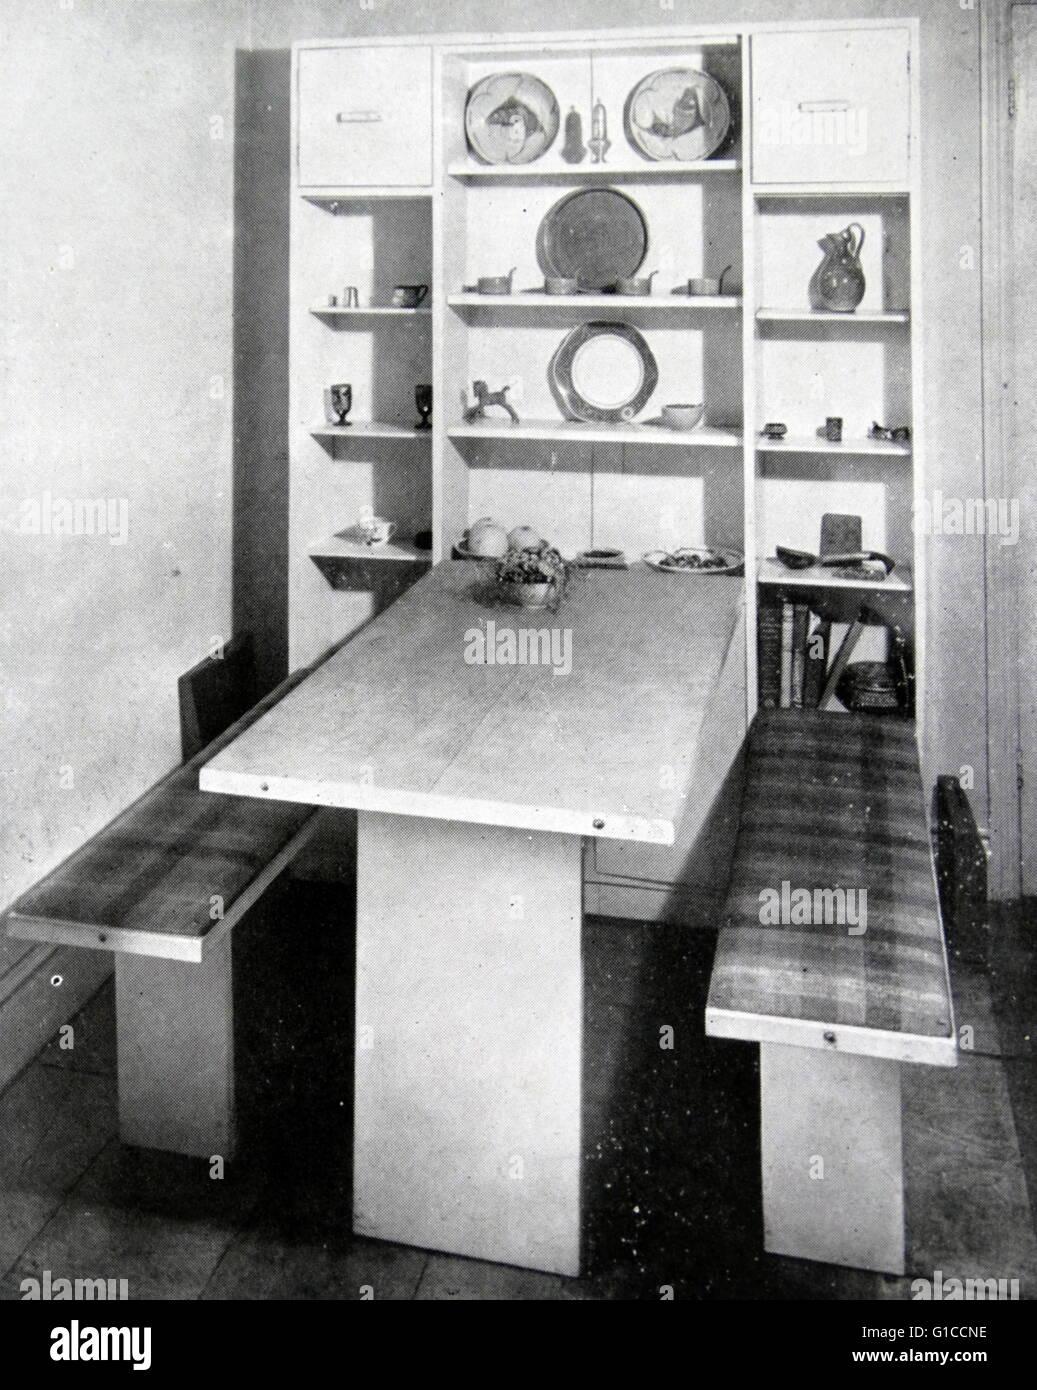 Niedlich Jahrhundert Küche Und Bad Bilder - Ideen Für Die Küche ...